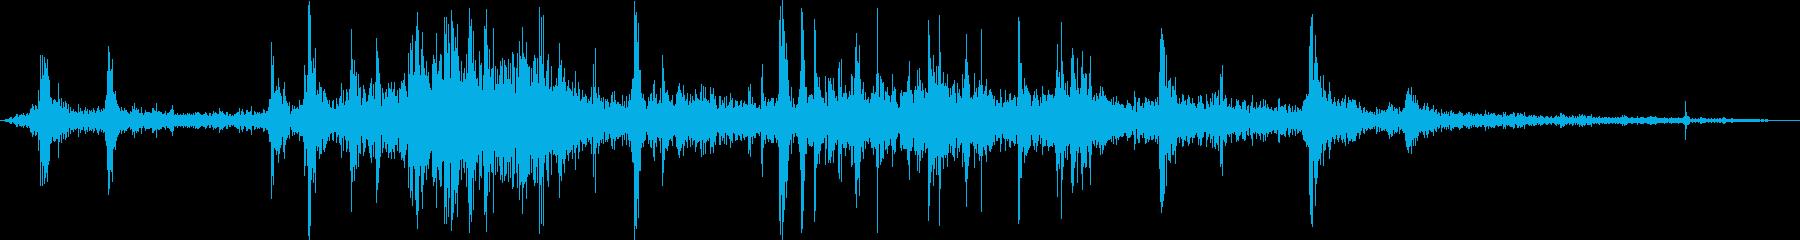 食べ物を食べる/かじる/噛む,効果音03の再生済みの波形